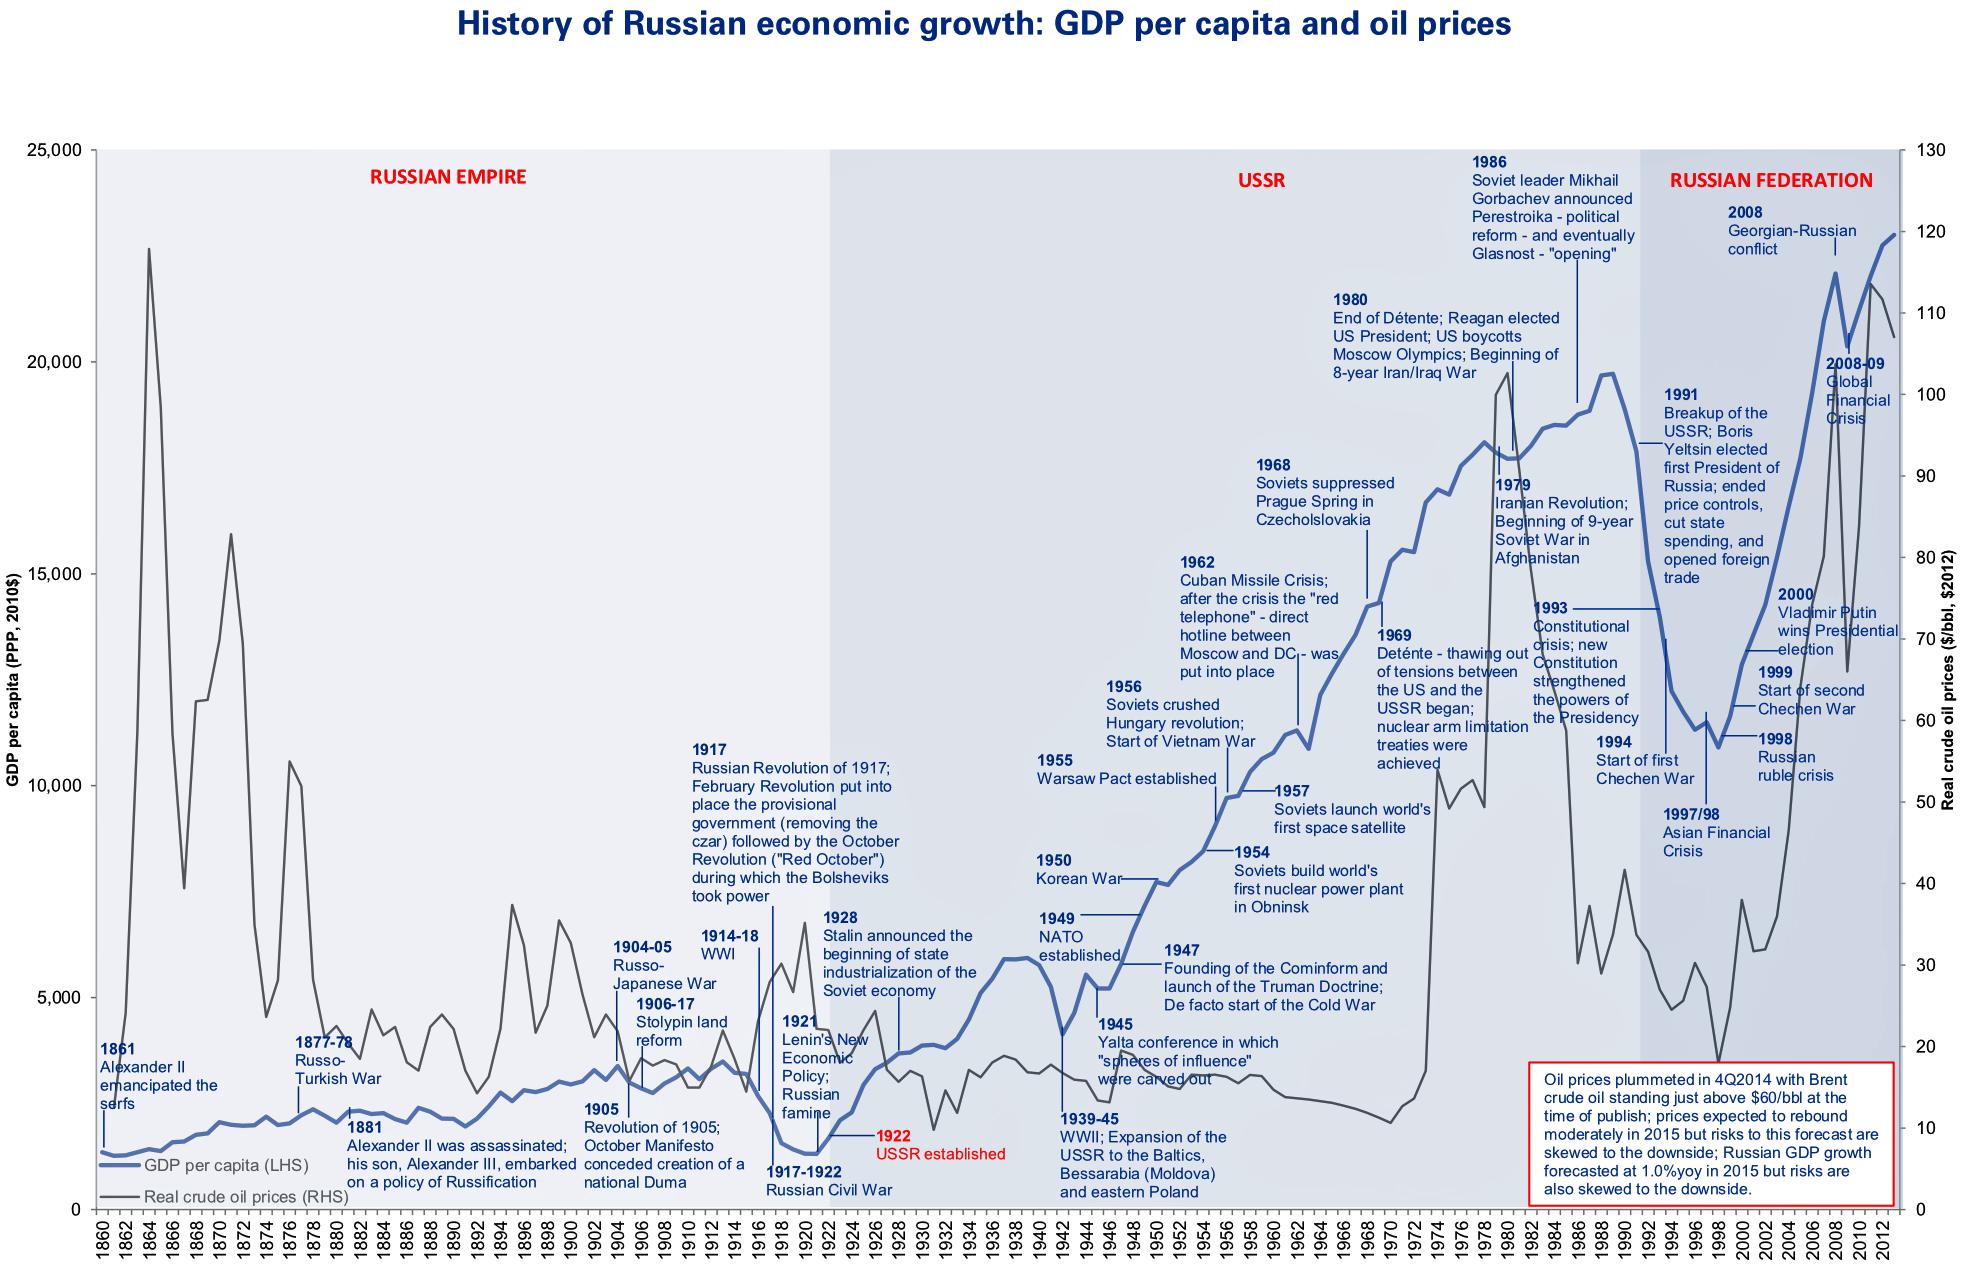 俄罗斯经济总量扩大十倍_俄罗斯经济分布图